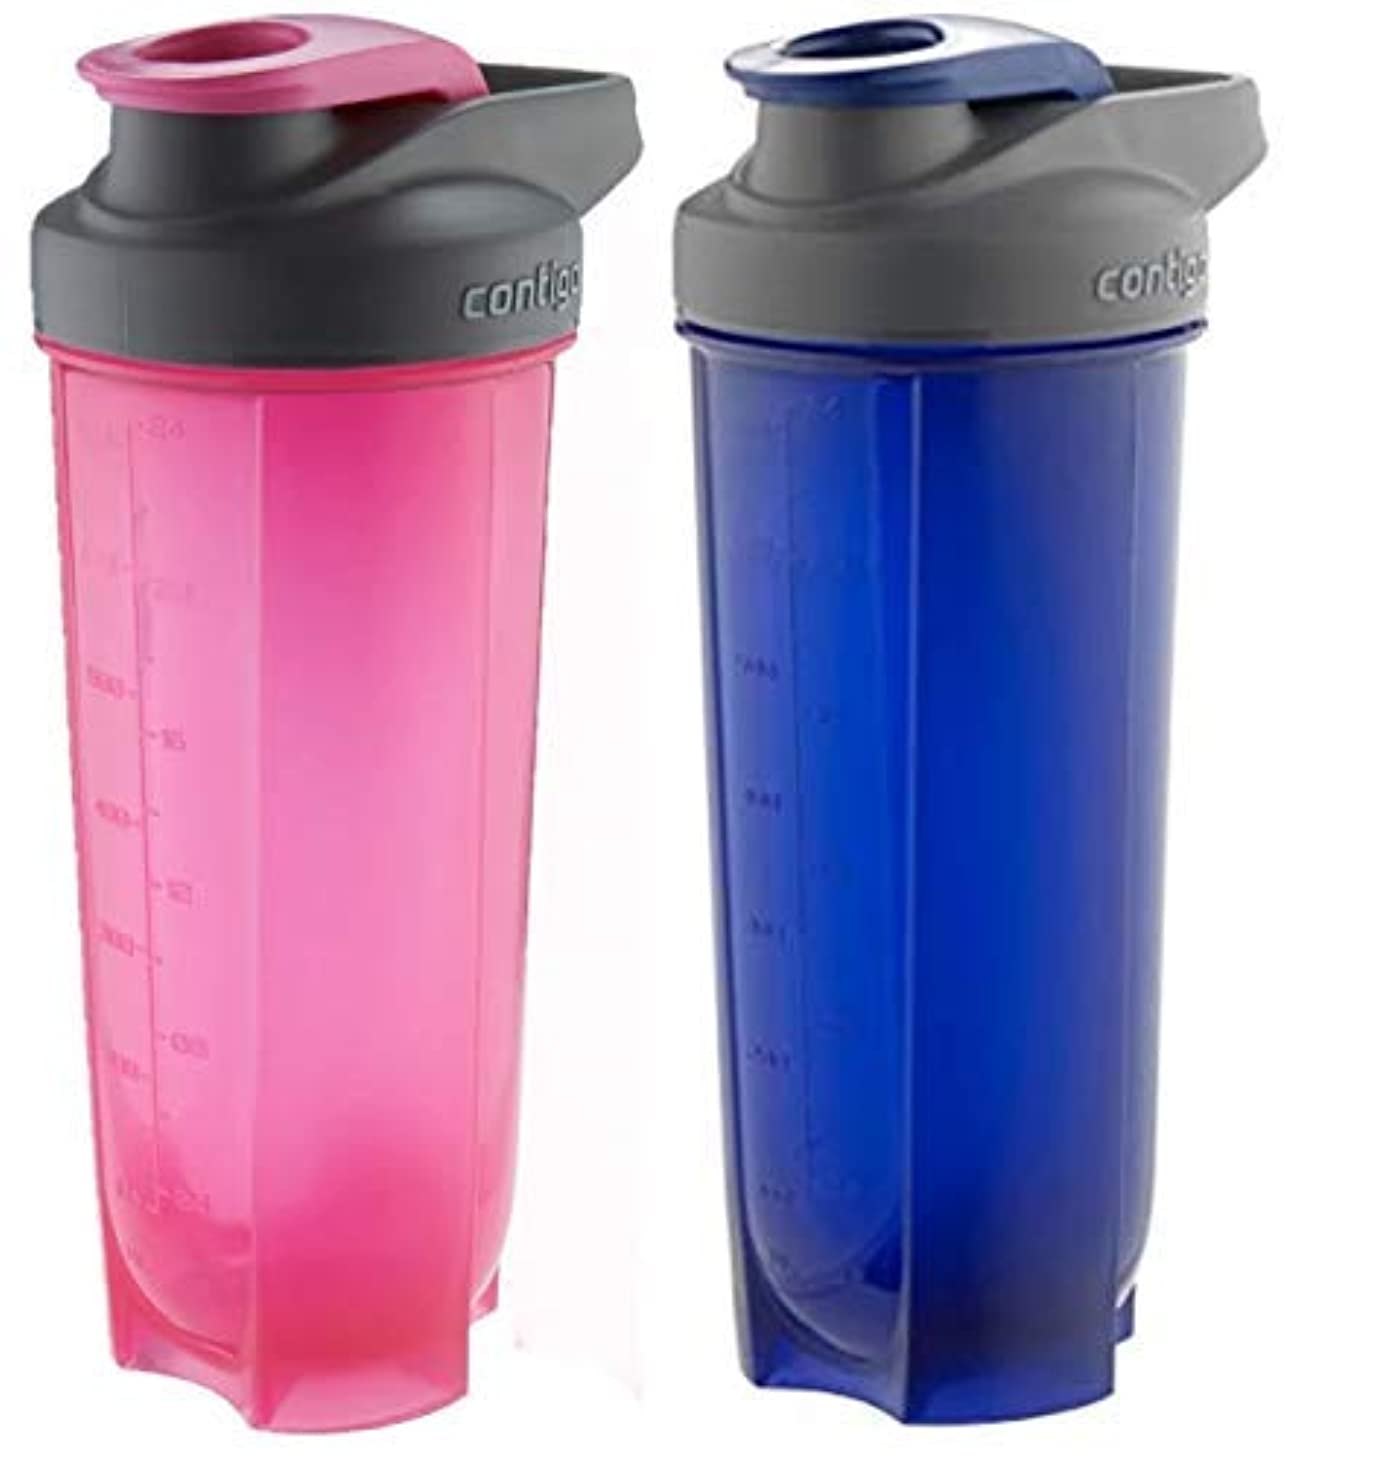 始めるグッゲンハイム美術館安いですContigo Shake & Go Fit Bottles, 28 Oz / 828 ml Each, Two Pack, Pink & Blue, His & Hers Shaker Bottles [並行輸入品]